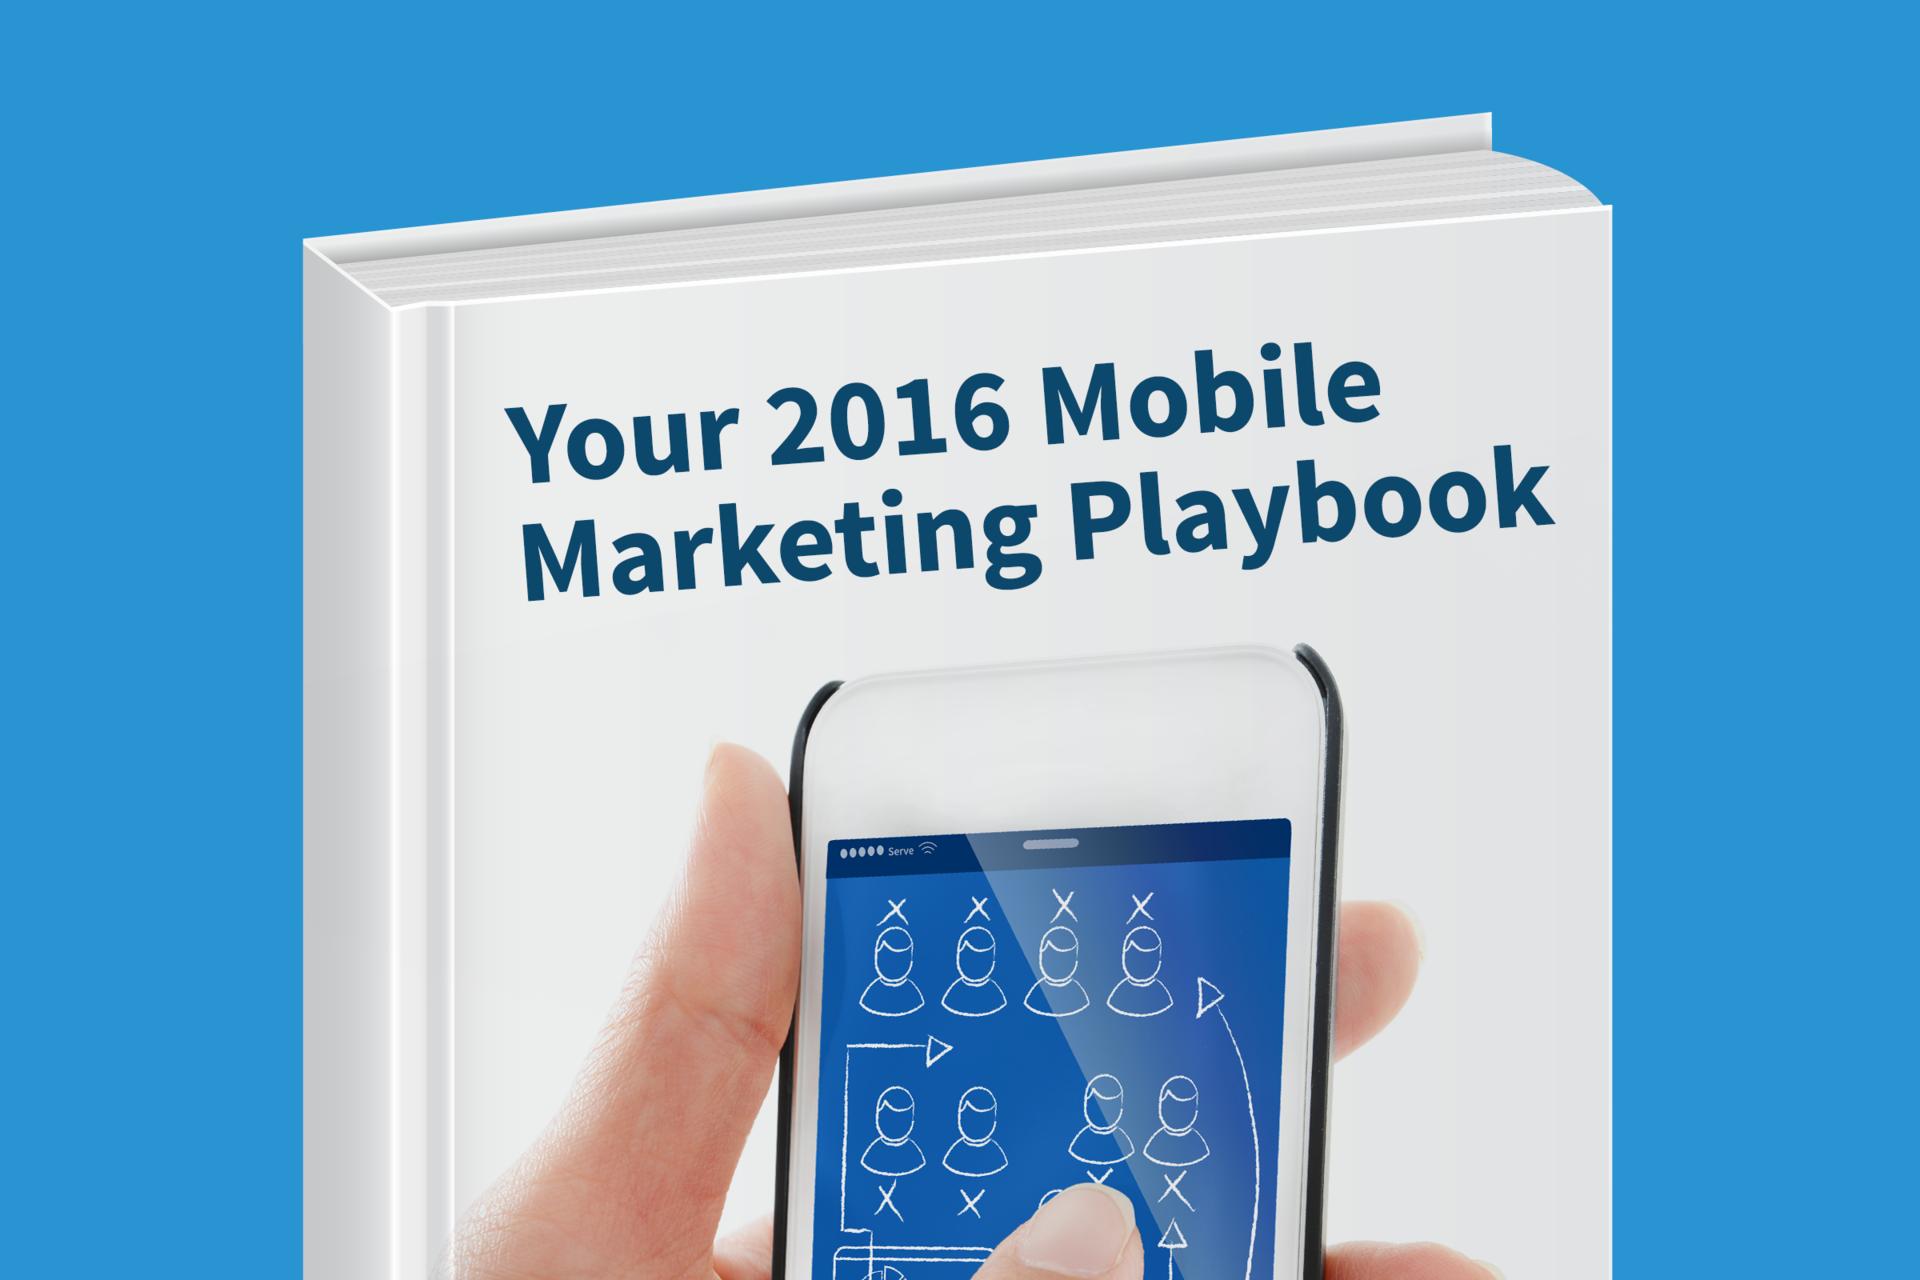 Свежая подборка ресурсов для маркетолога мобильных приложений: книги и блоги - 2